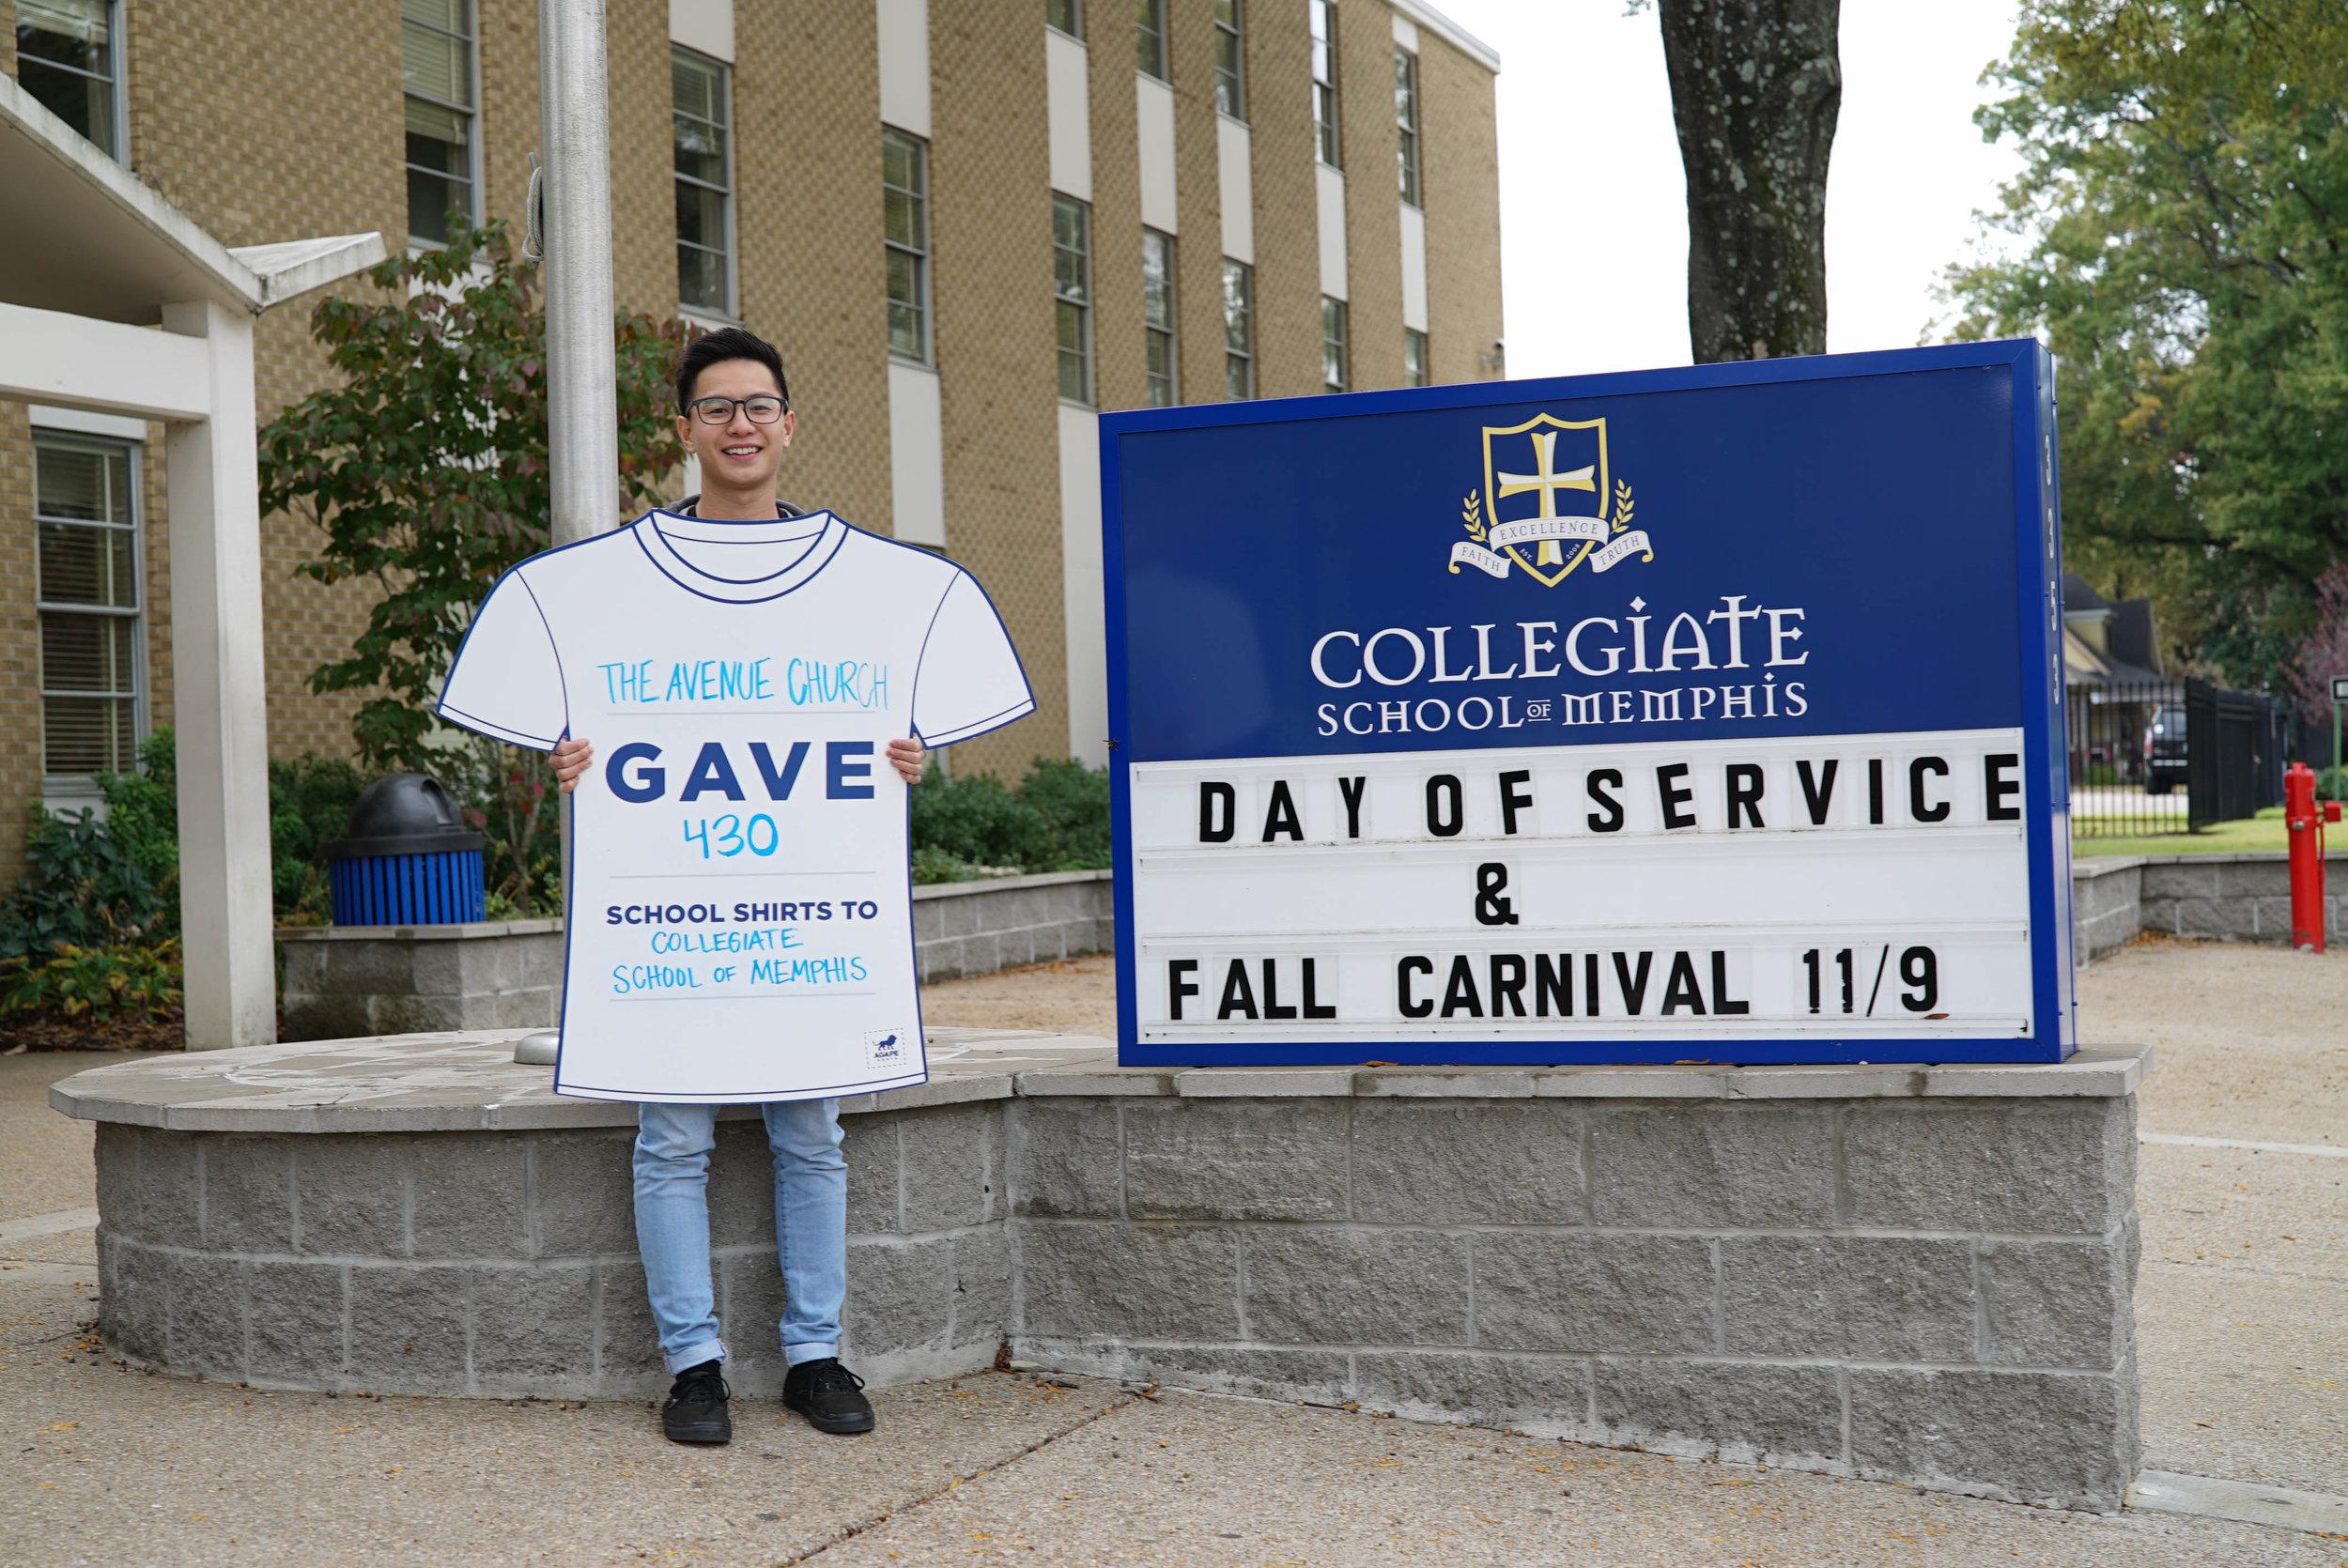 Avenue Church @ Collegiate School of Memphis-1.jpg